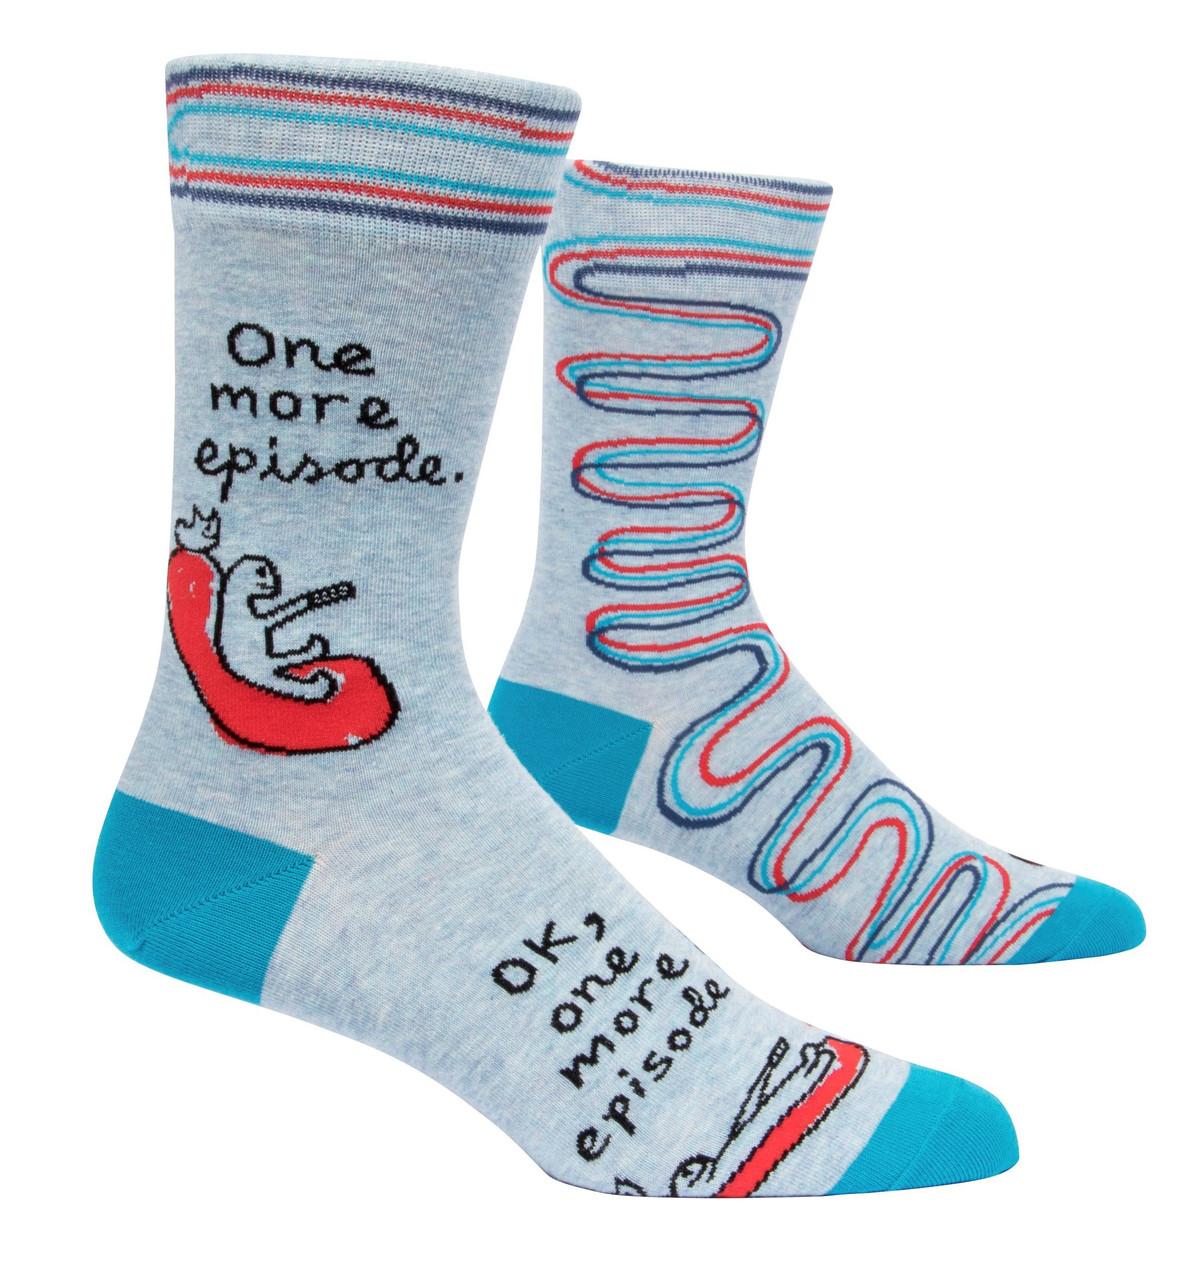 ONE MORE EPISODE - Men's Socks